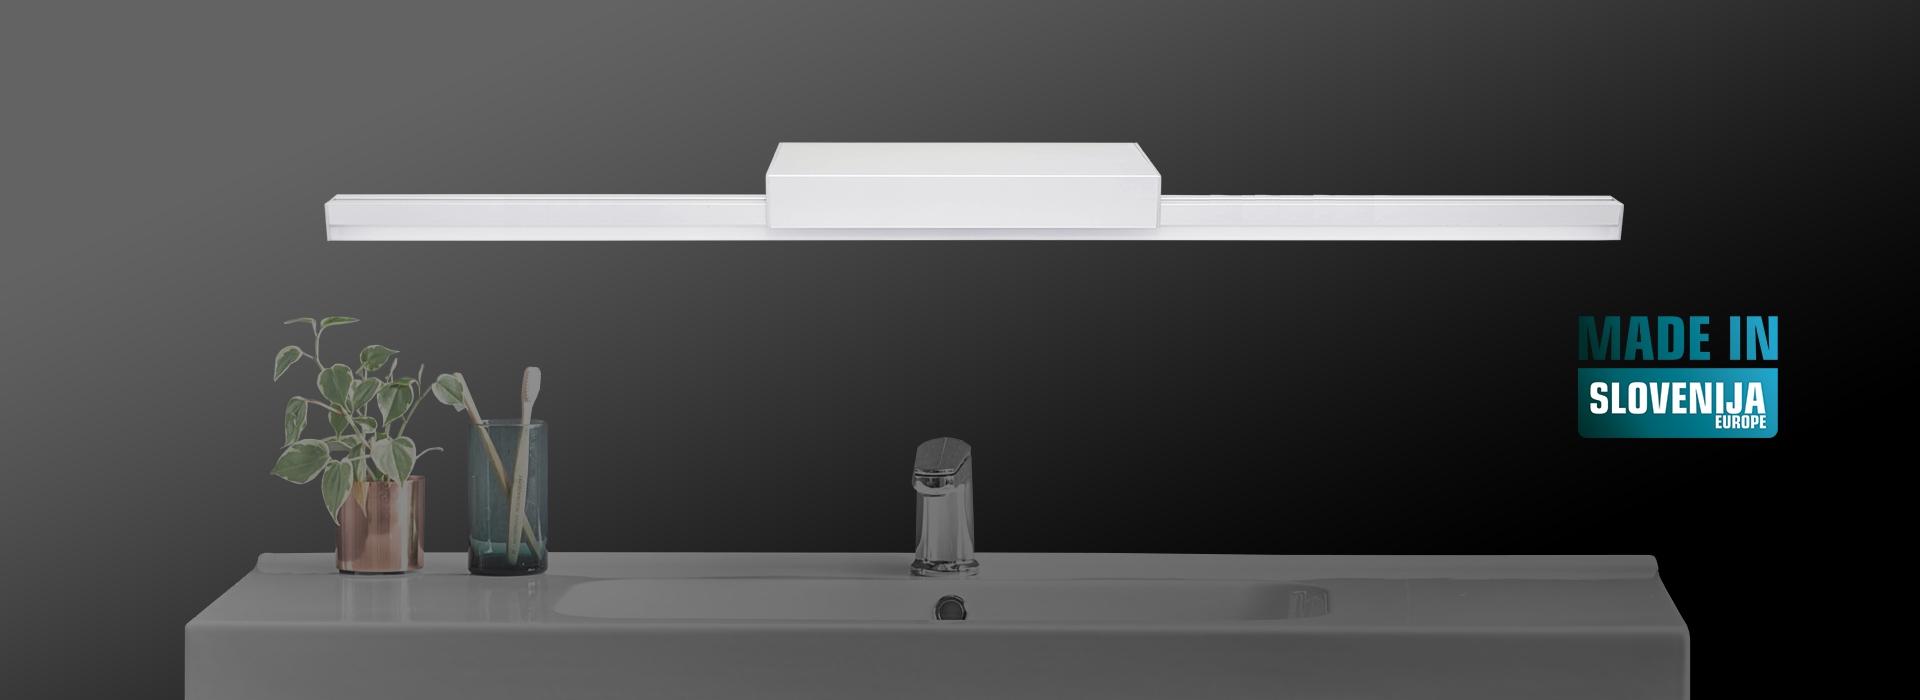 LED razsvetljava za delavnice in dom